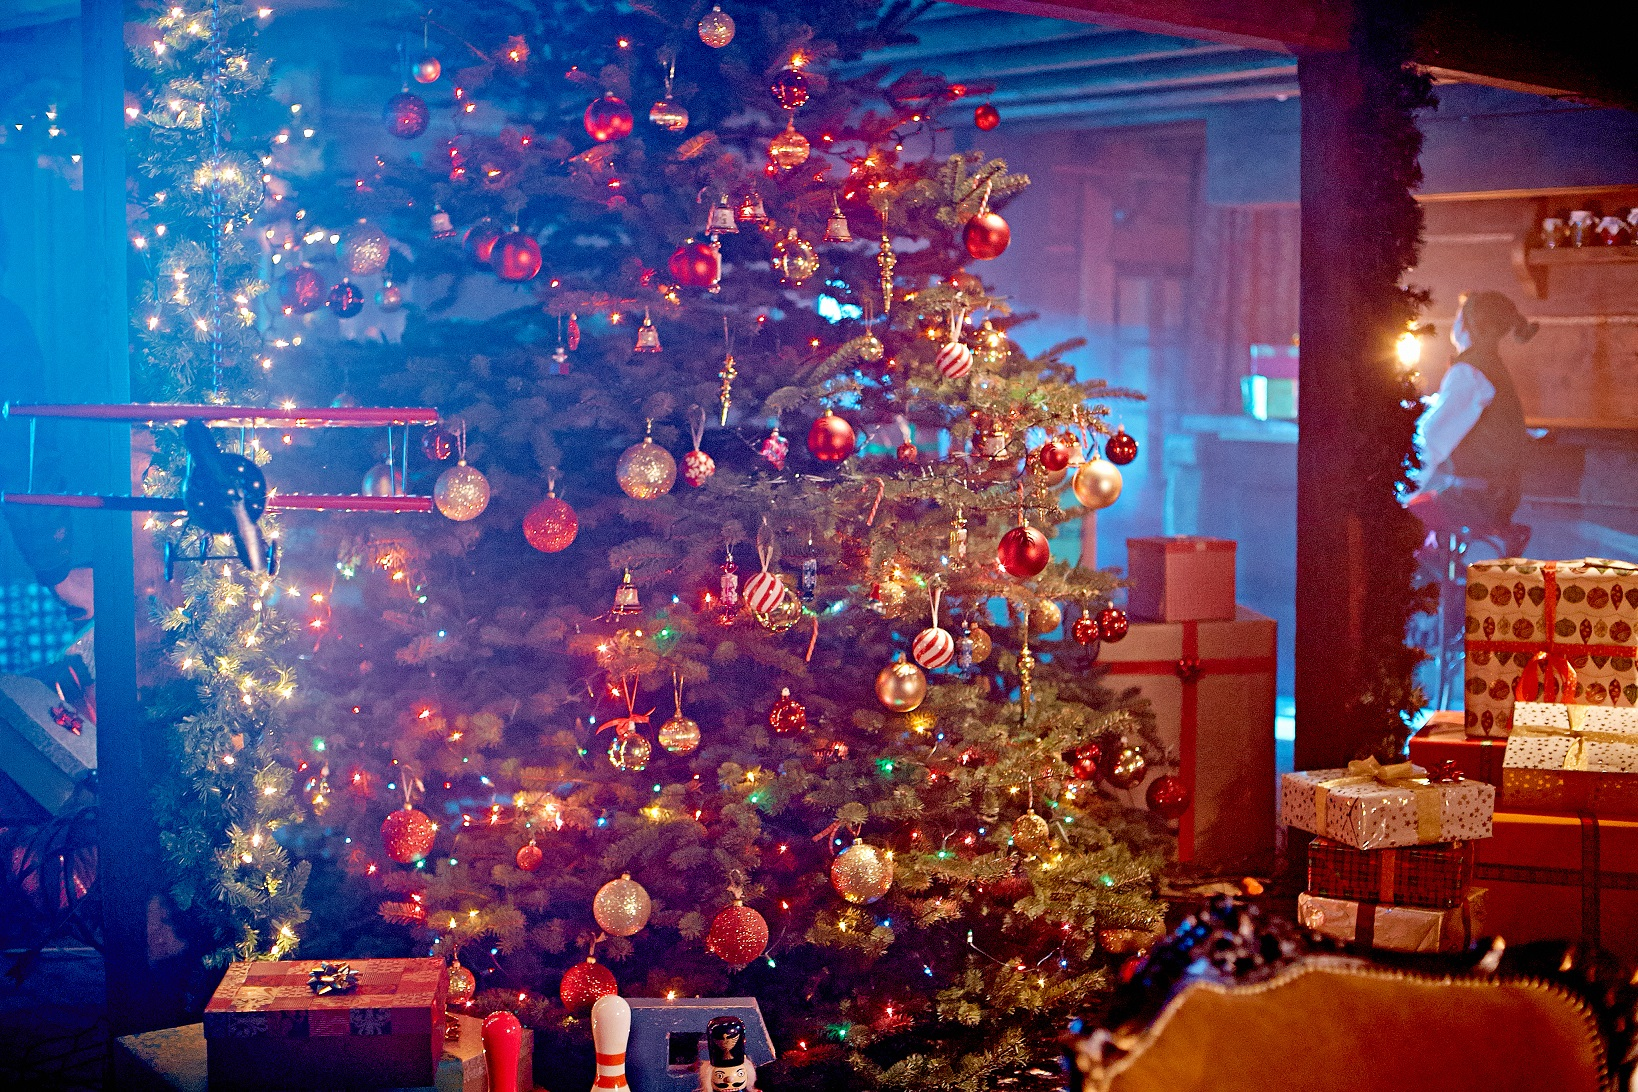 Decorazioni Natalizie In Inglese.Babbo Natale Usa Elfi